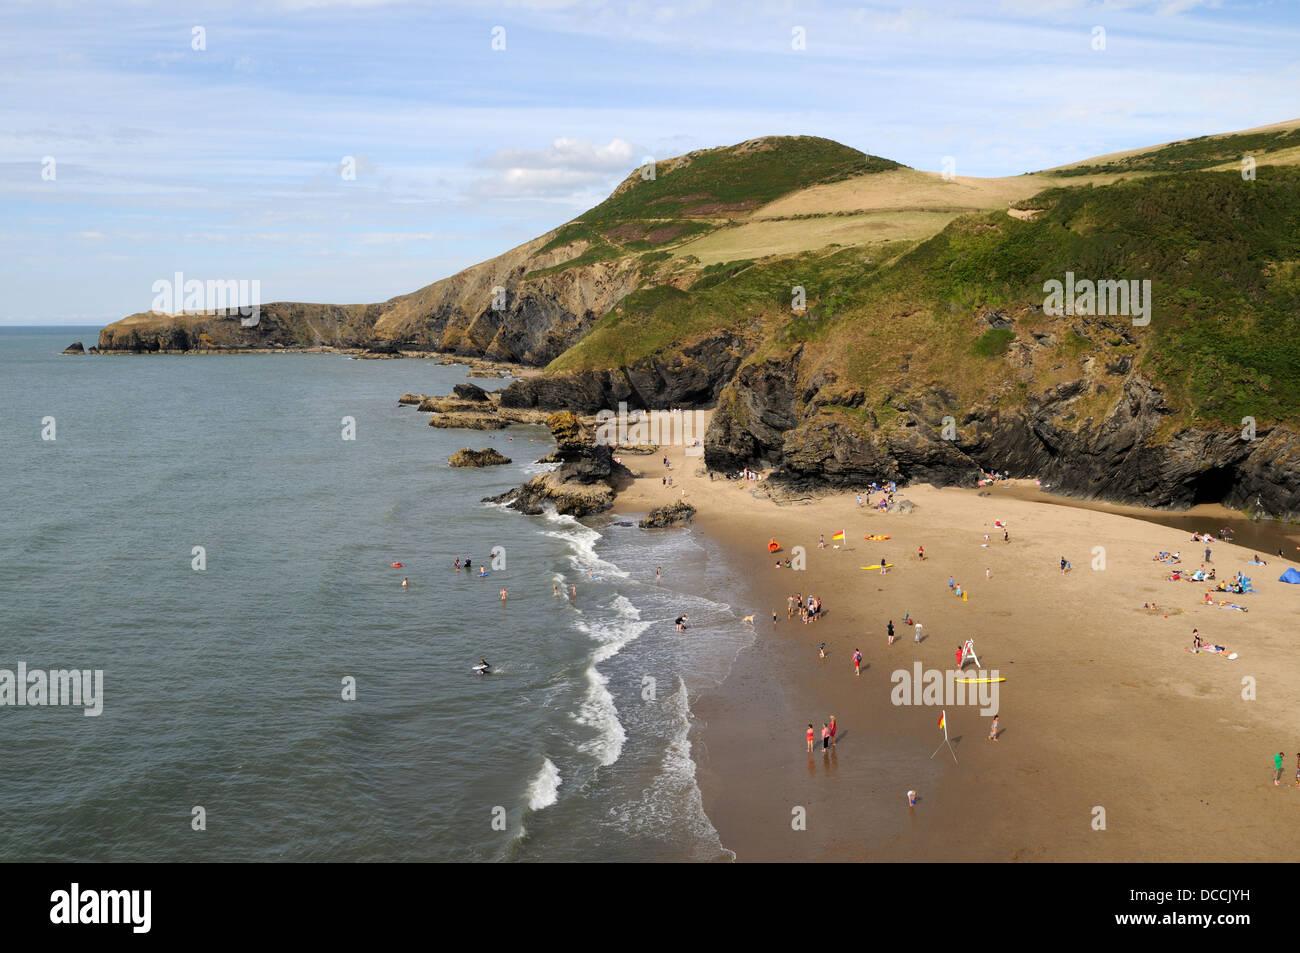 Llangrannog Beach Cardigan Bay Coast Ceredigion Wales Cymru UK GB - Stock Image